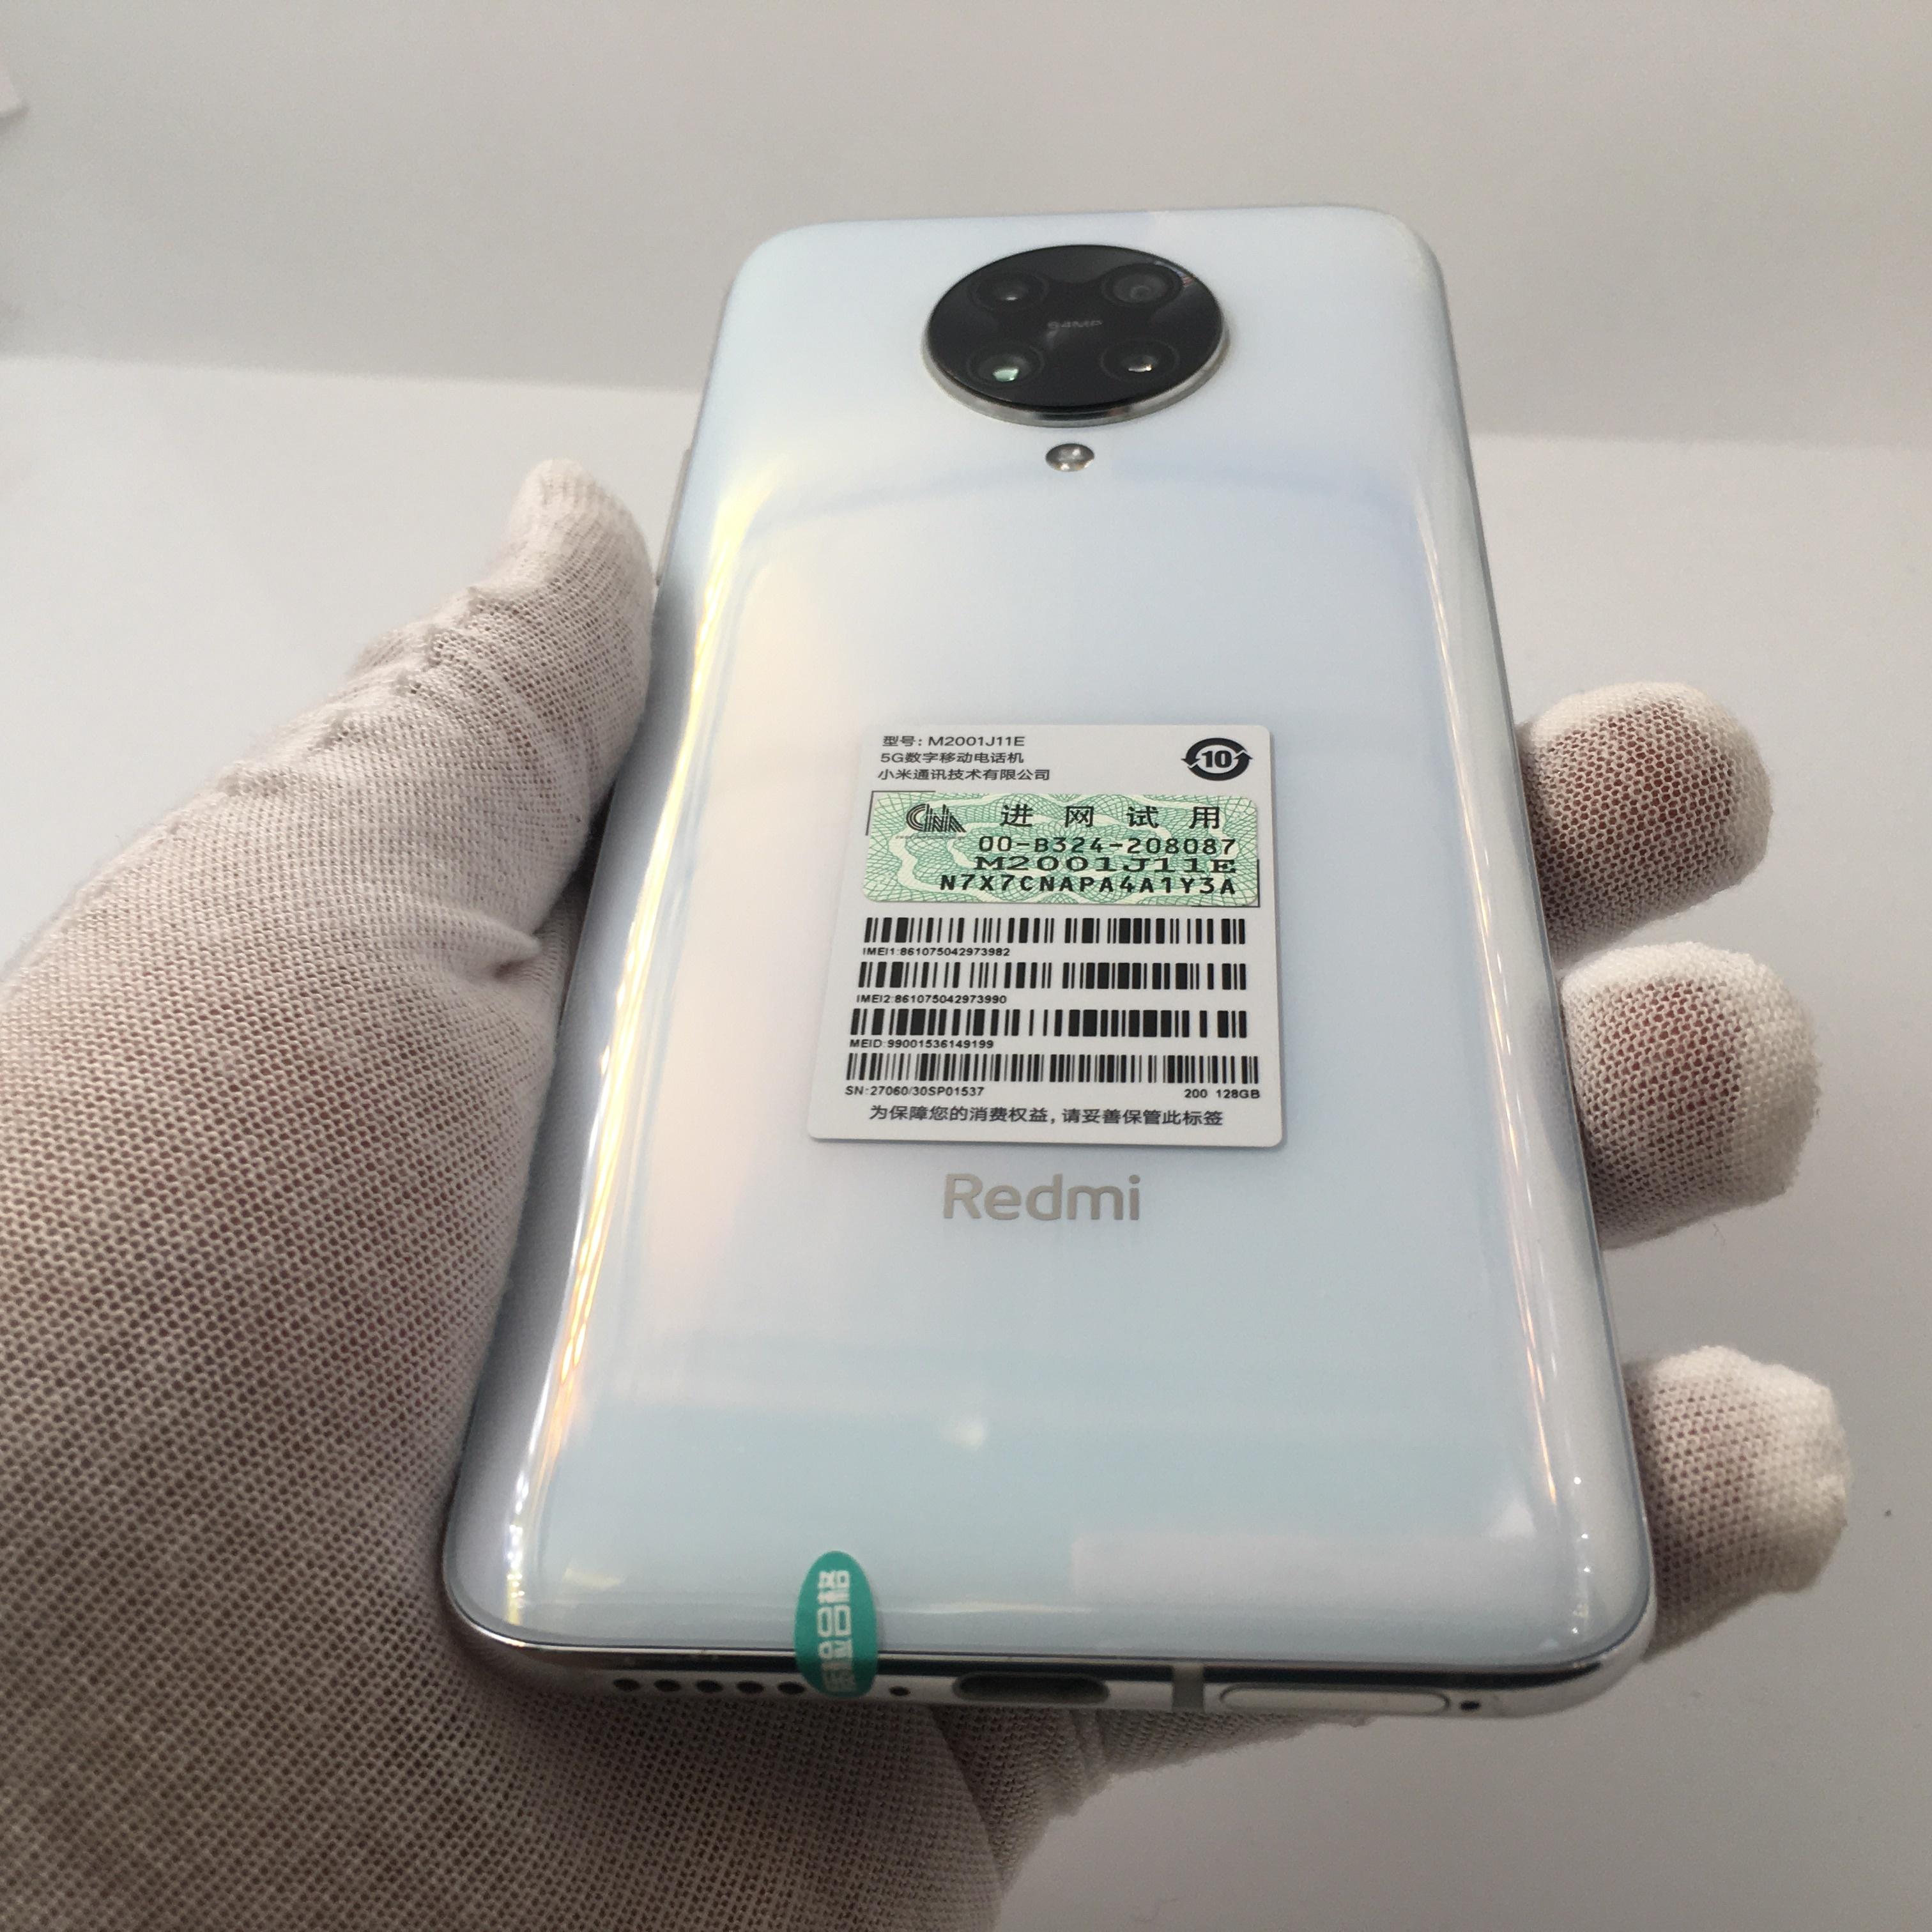 小米【Redmi k30 Pro 5G】5G全网通 月幕白 6G/128G 国行 99新